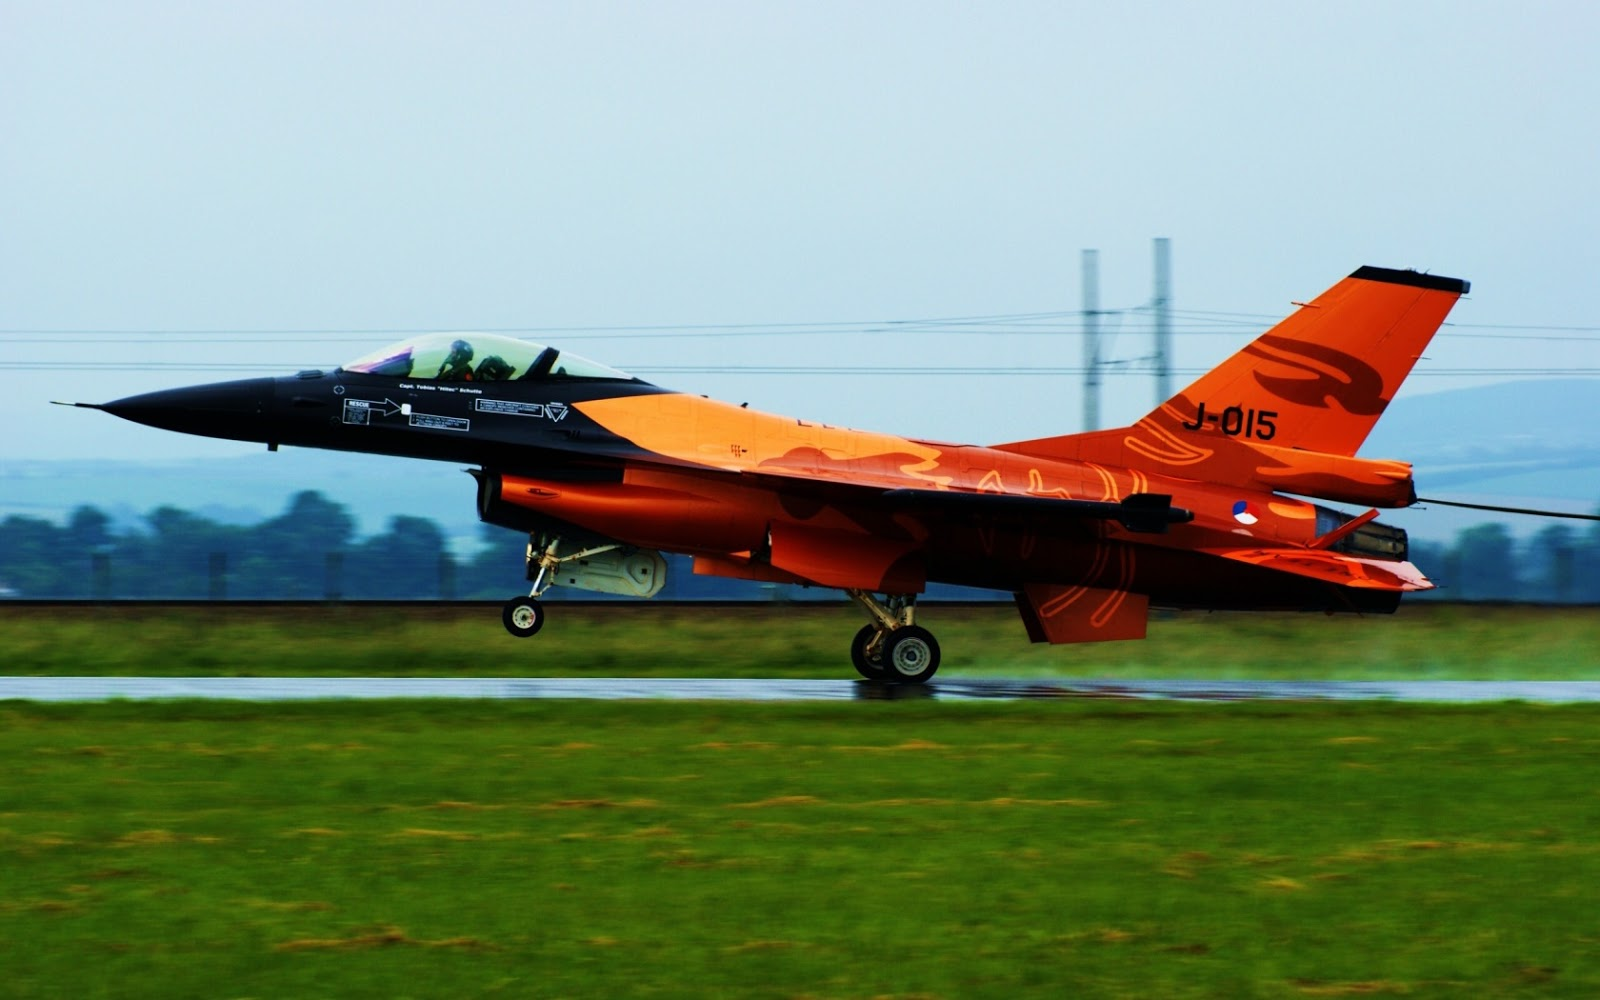 http://3.bp.blogspot.com/_Gq1jO6iuU2U/TTtlIBbaRdI/AAAAAAAAHfs/ZUW5KnEjNg0/s1600/f-16-wallpaper_jet_fighter_1680x1050.jpg